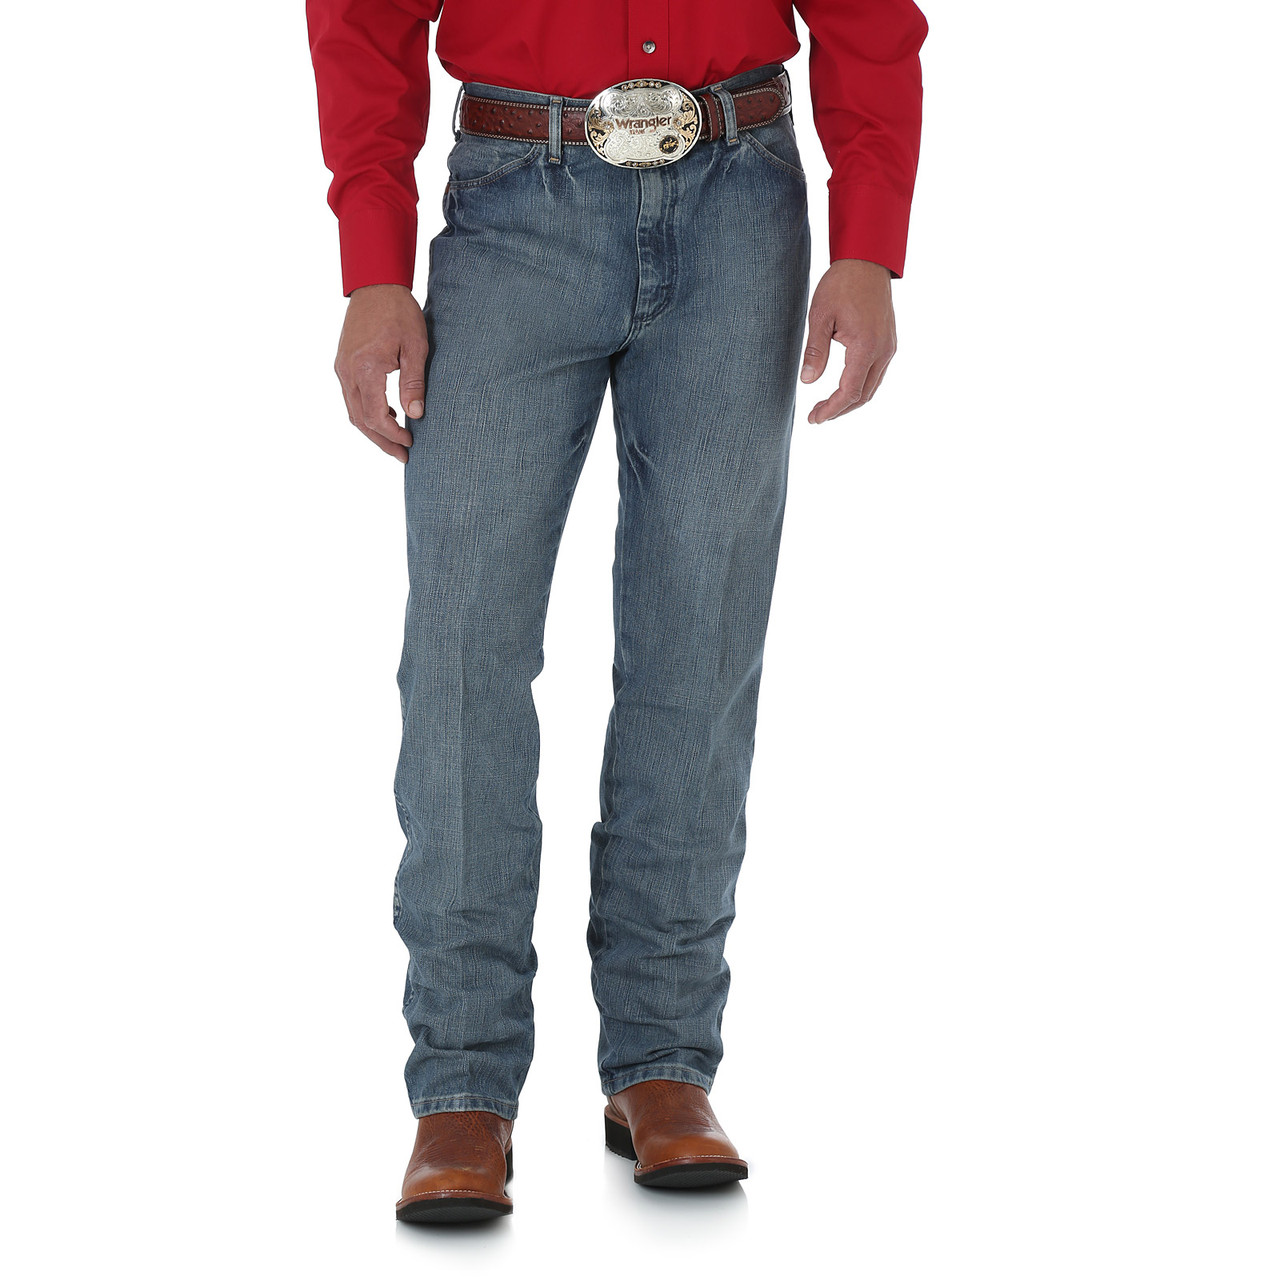 Джинсы Wrangler Cowboy Cut Slim Fit, Blue Granite, 33W34L, 0936BGM, фото 1